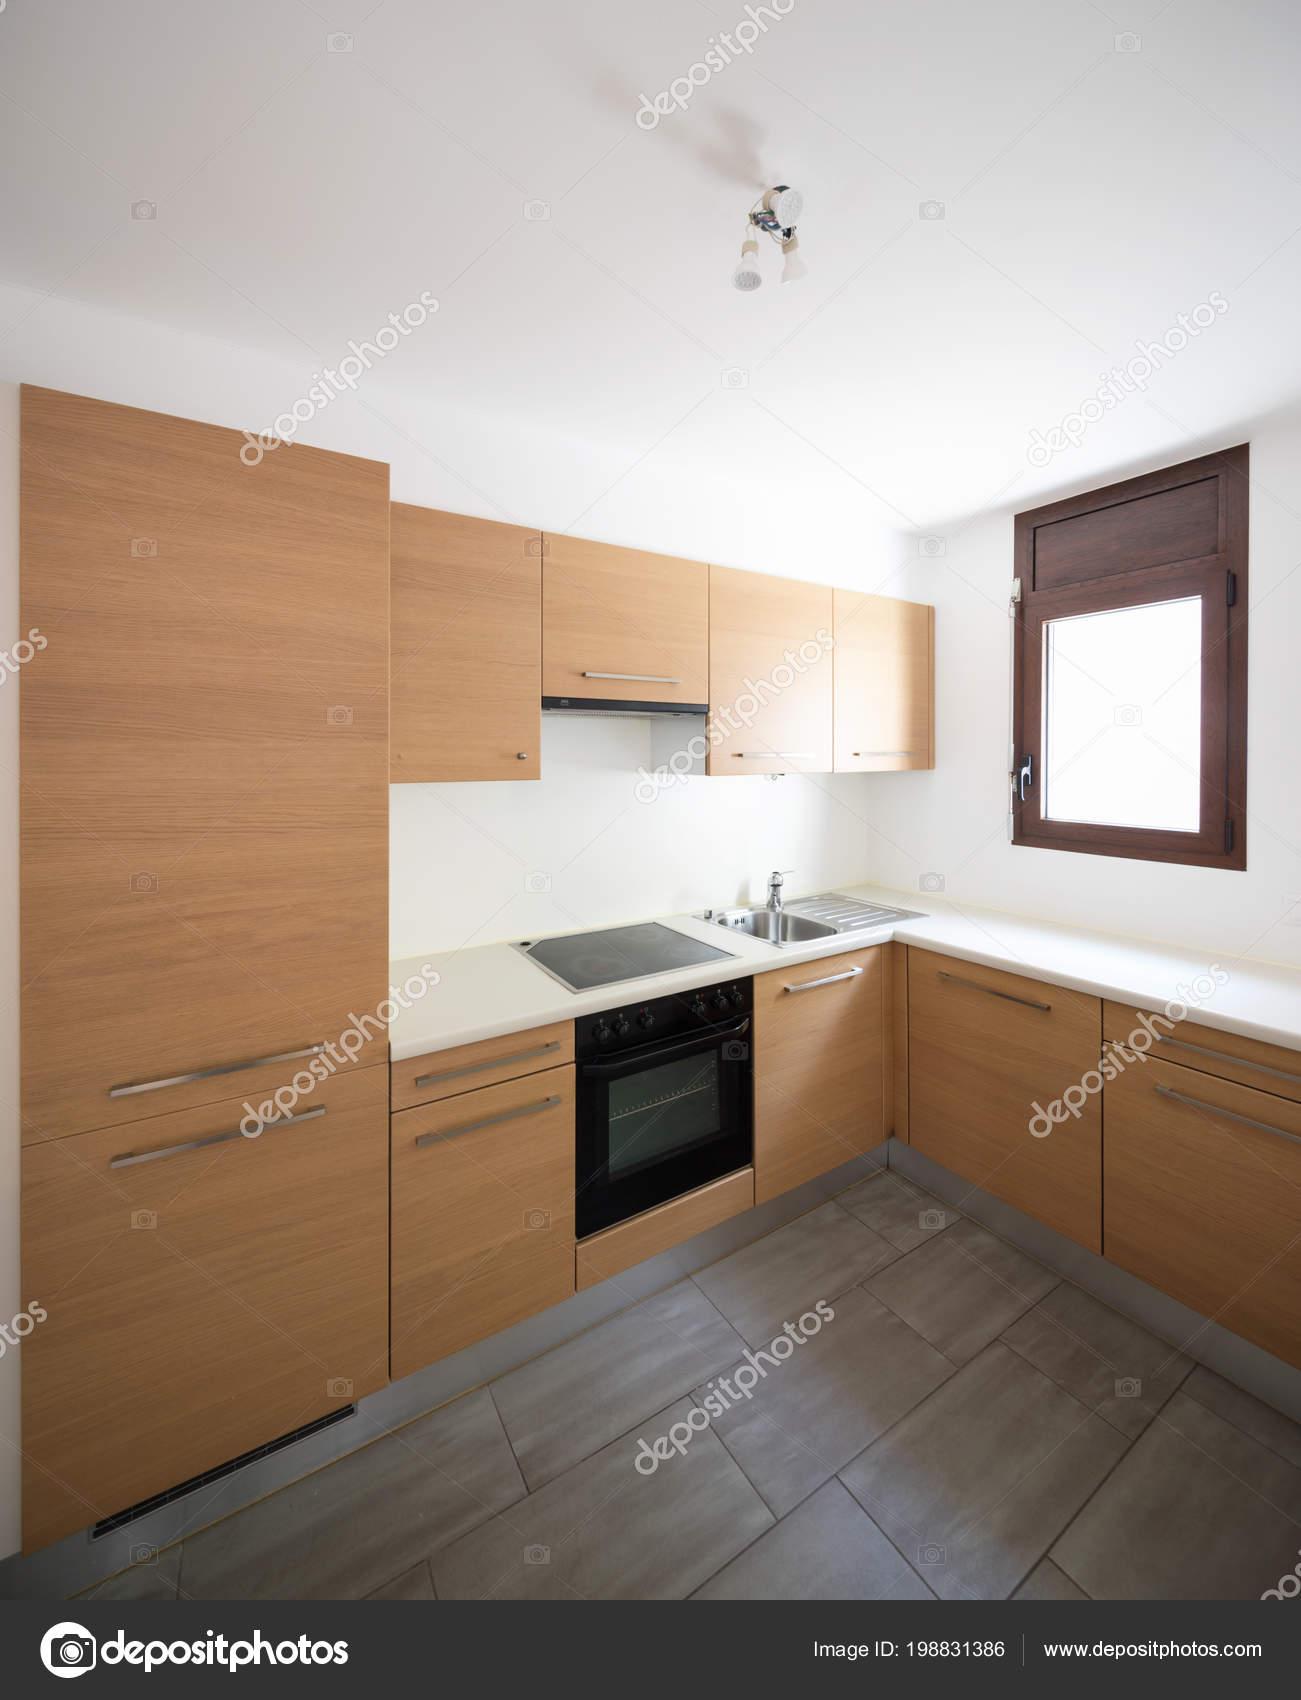 Moderne Küche Holz Und Weiße Wände Kleines Fenster Niemand ...